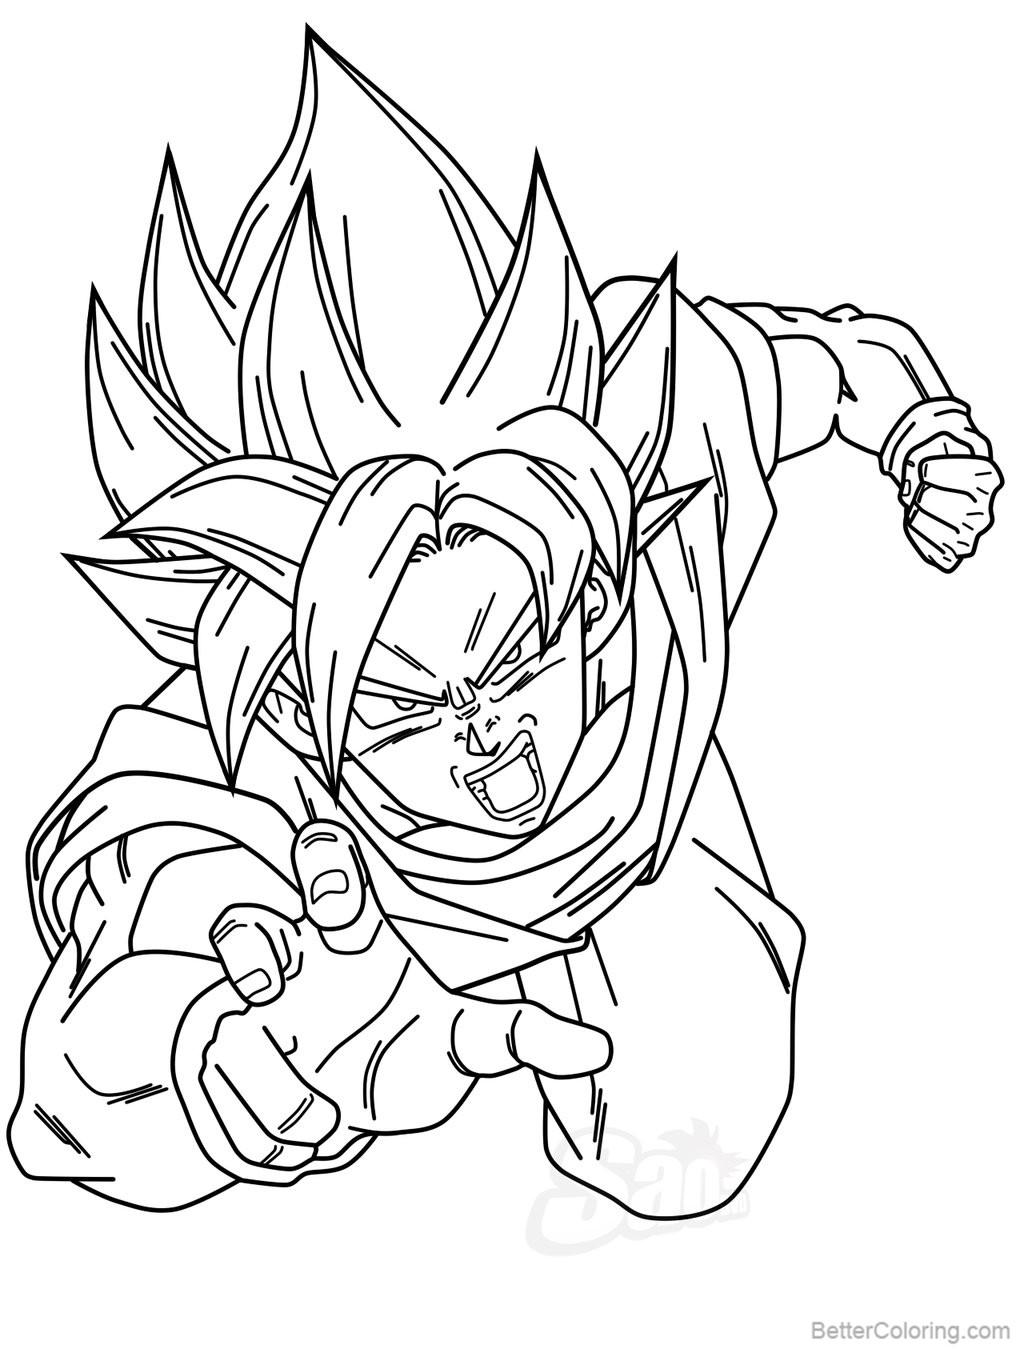 Goku Vegeta Coloring Pages by saodvd - Free Printable ...